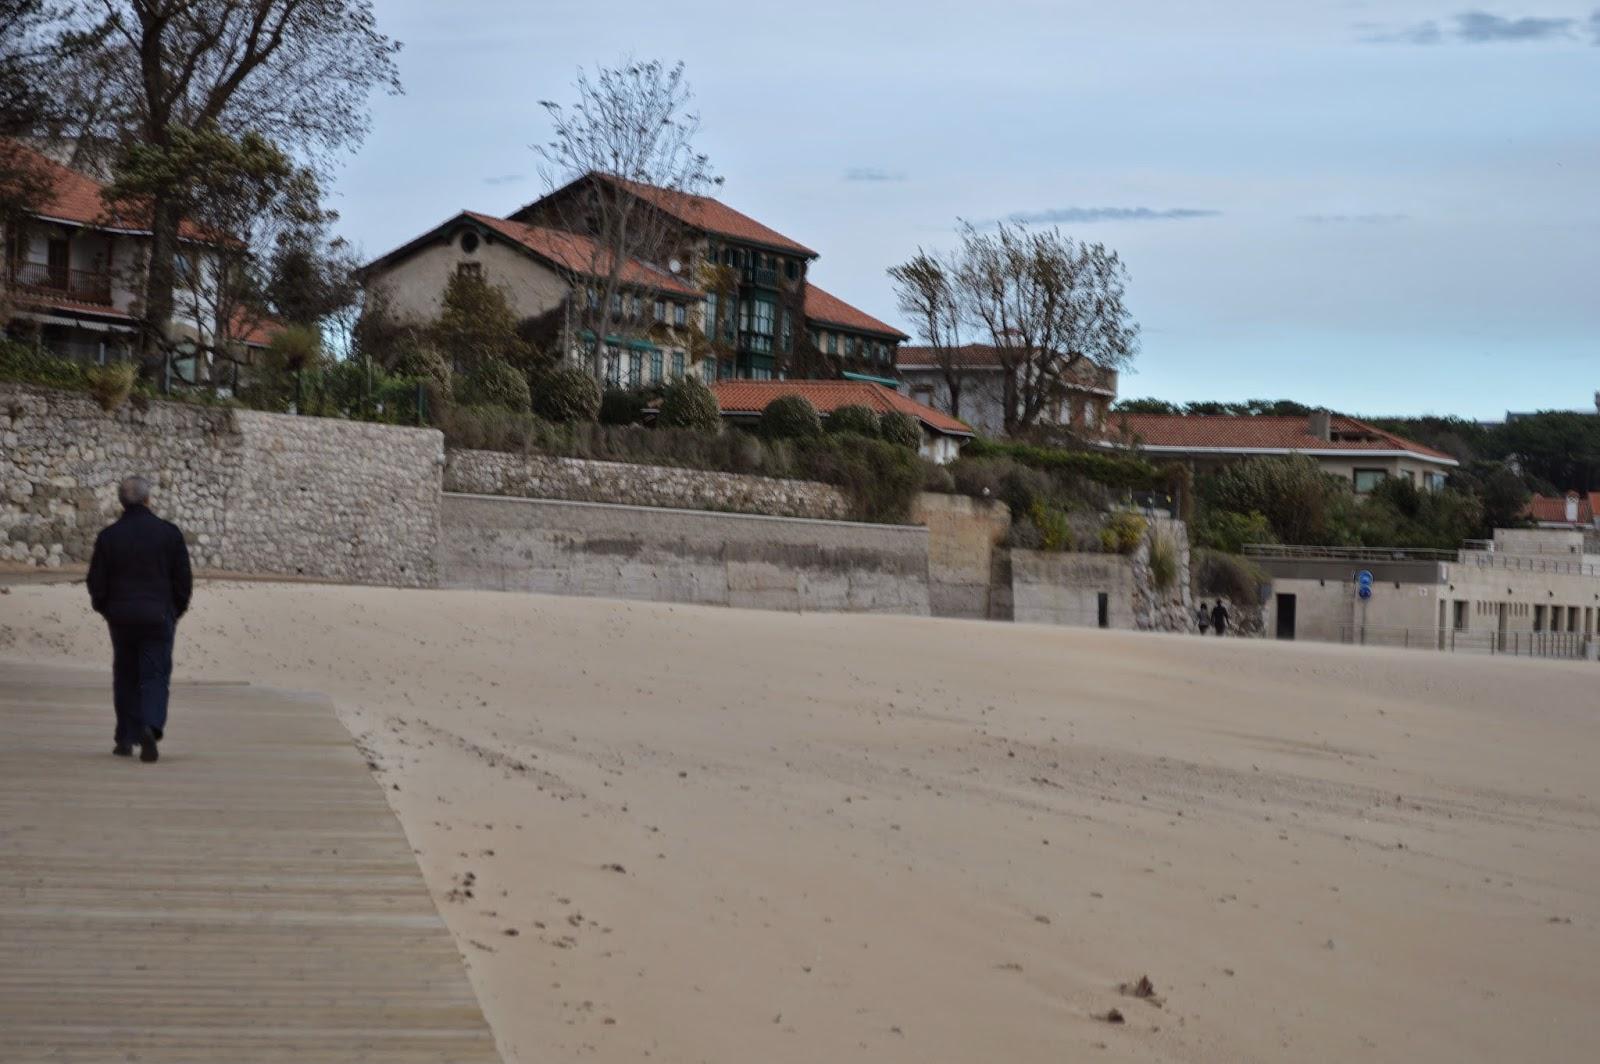 promenade aménagées Santander - blog voyages Camille In Bordeaux